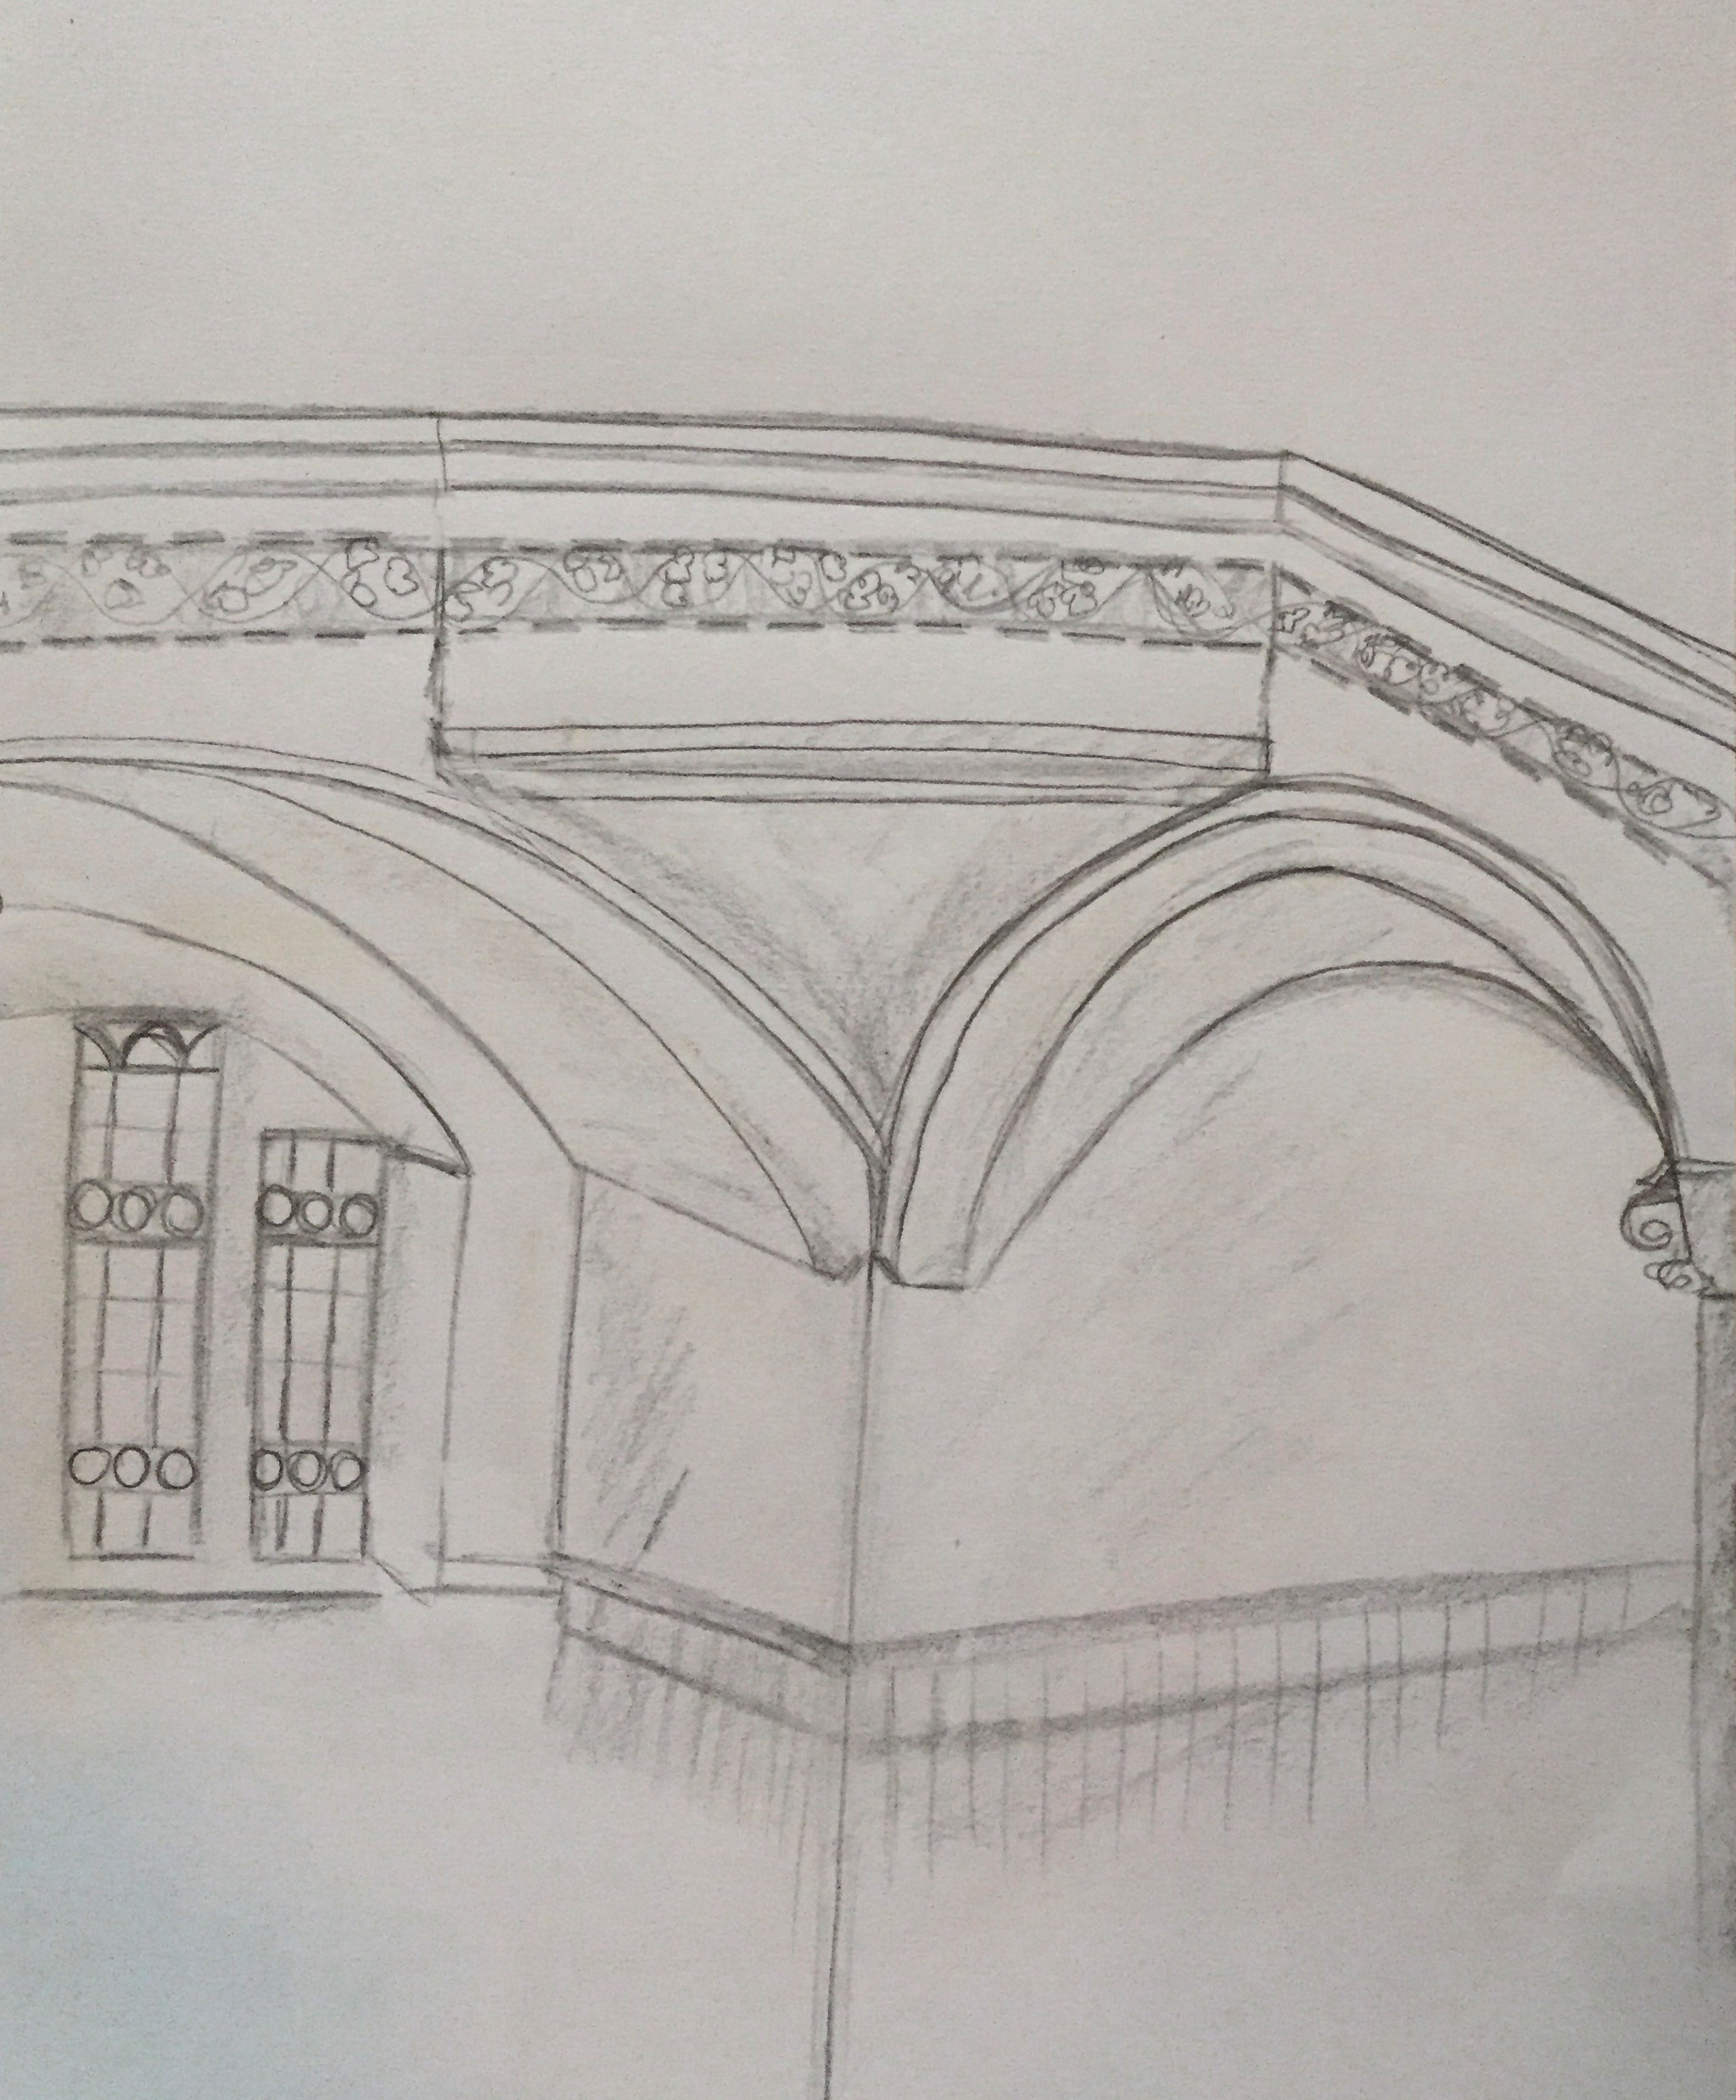 Säule St Jakob Ausschnitt, Kursteilnehmerin Urban Sketching, 2017